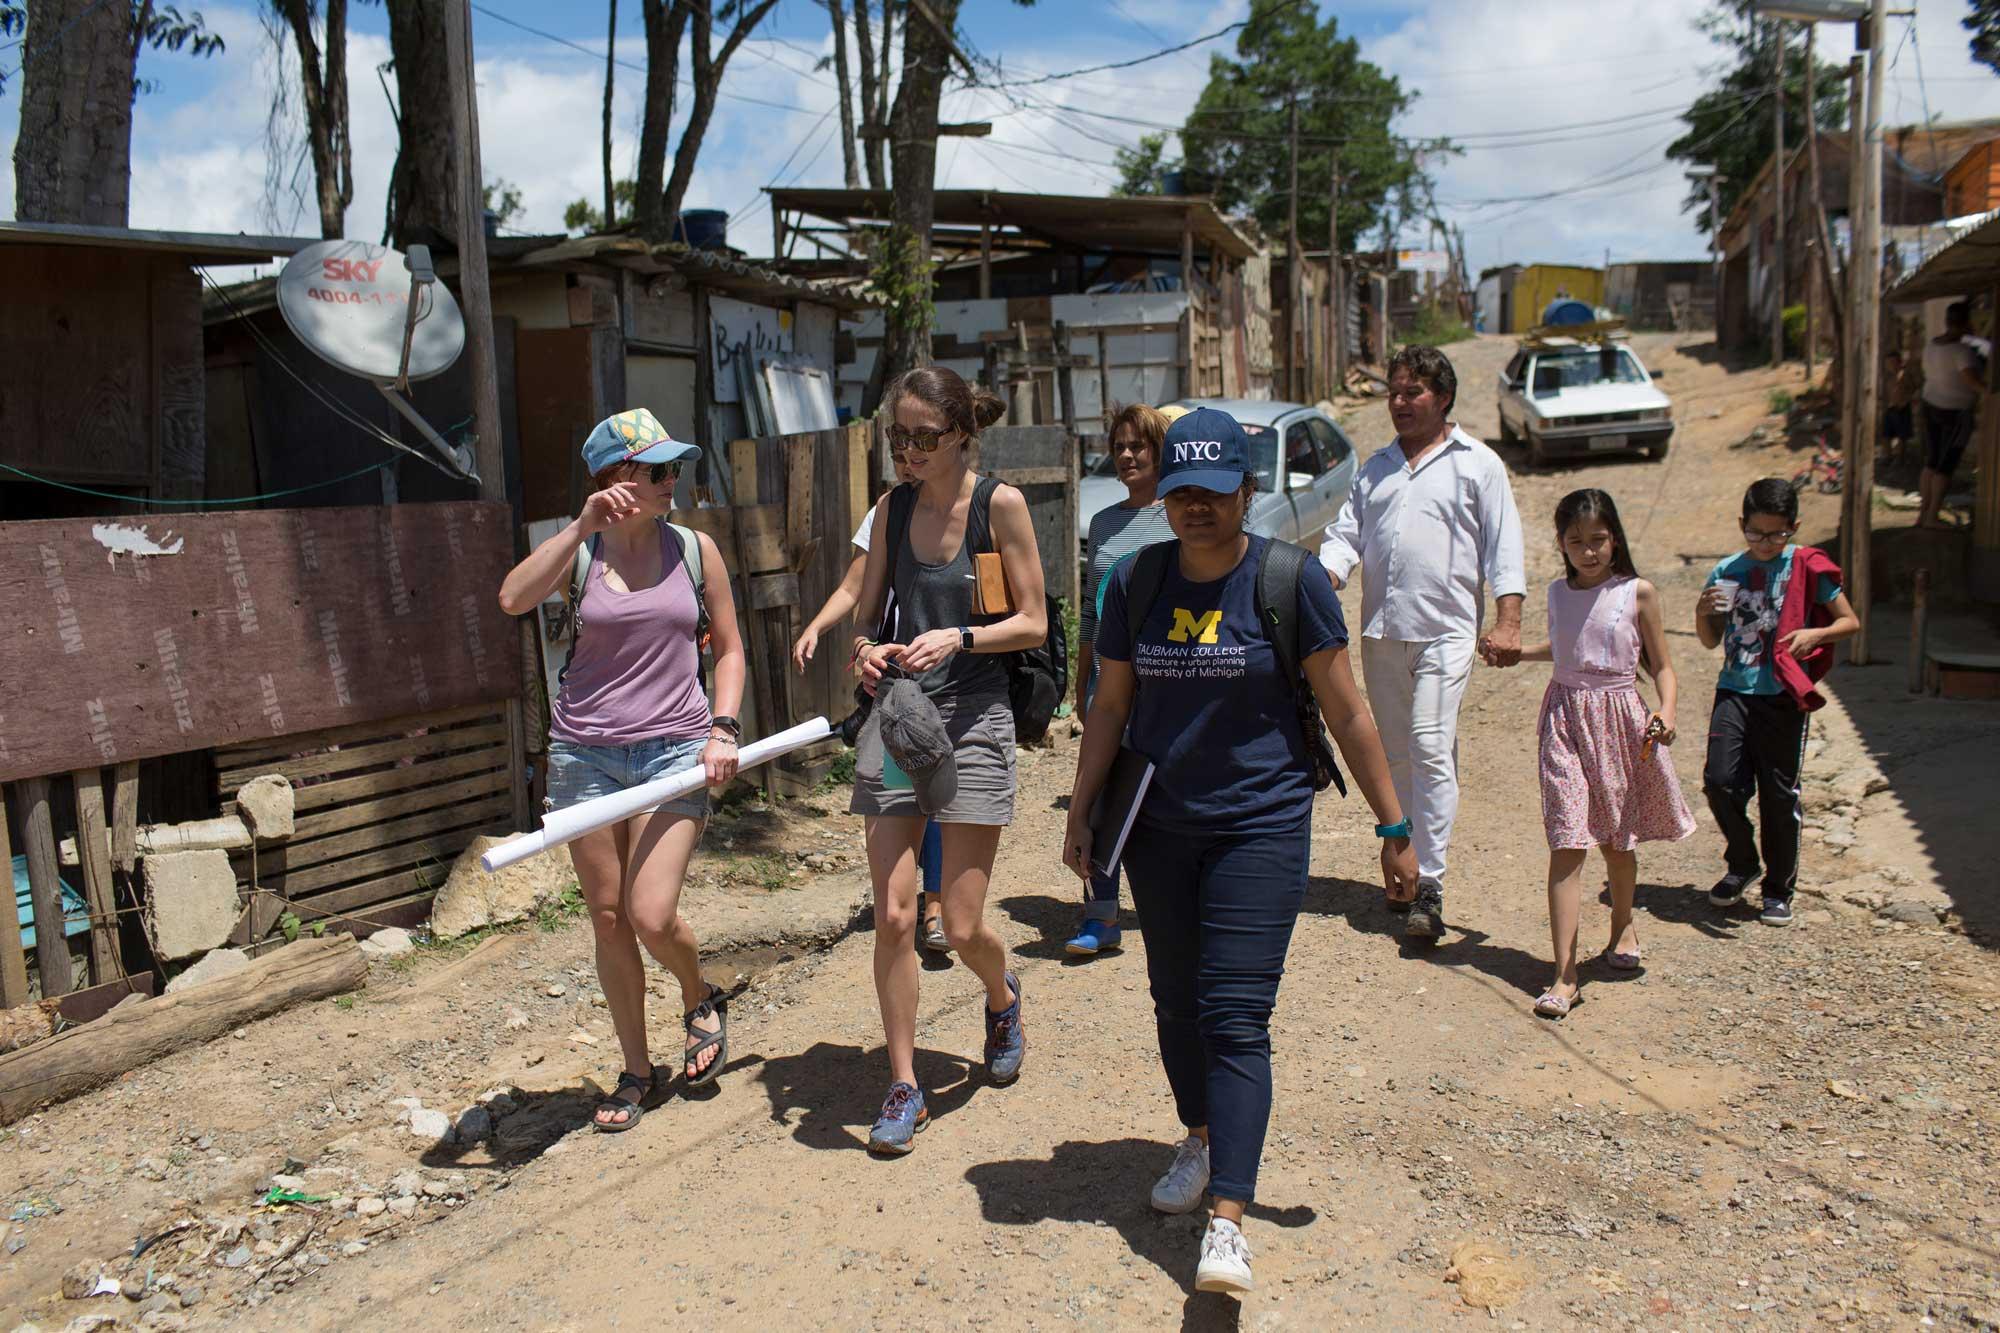 Estudiantes de Universidad de Michigan rabajan con miembros de la comunidad de Ocupacão Anchieta, en Sao Paulo, Brasil. Crédito de foto: Bruno Kelly.